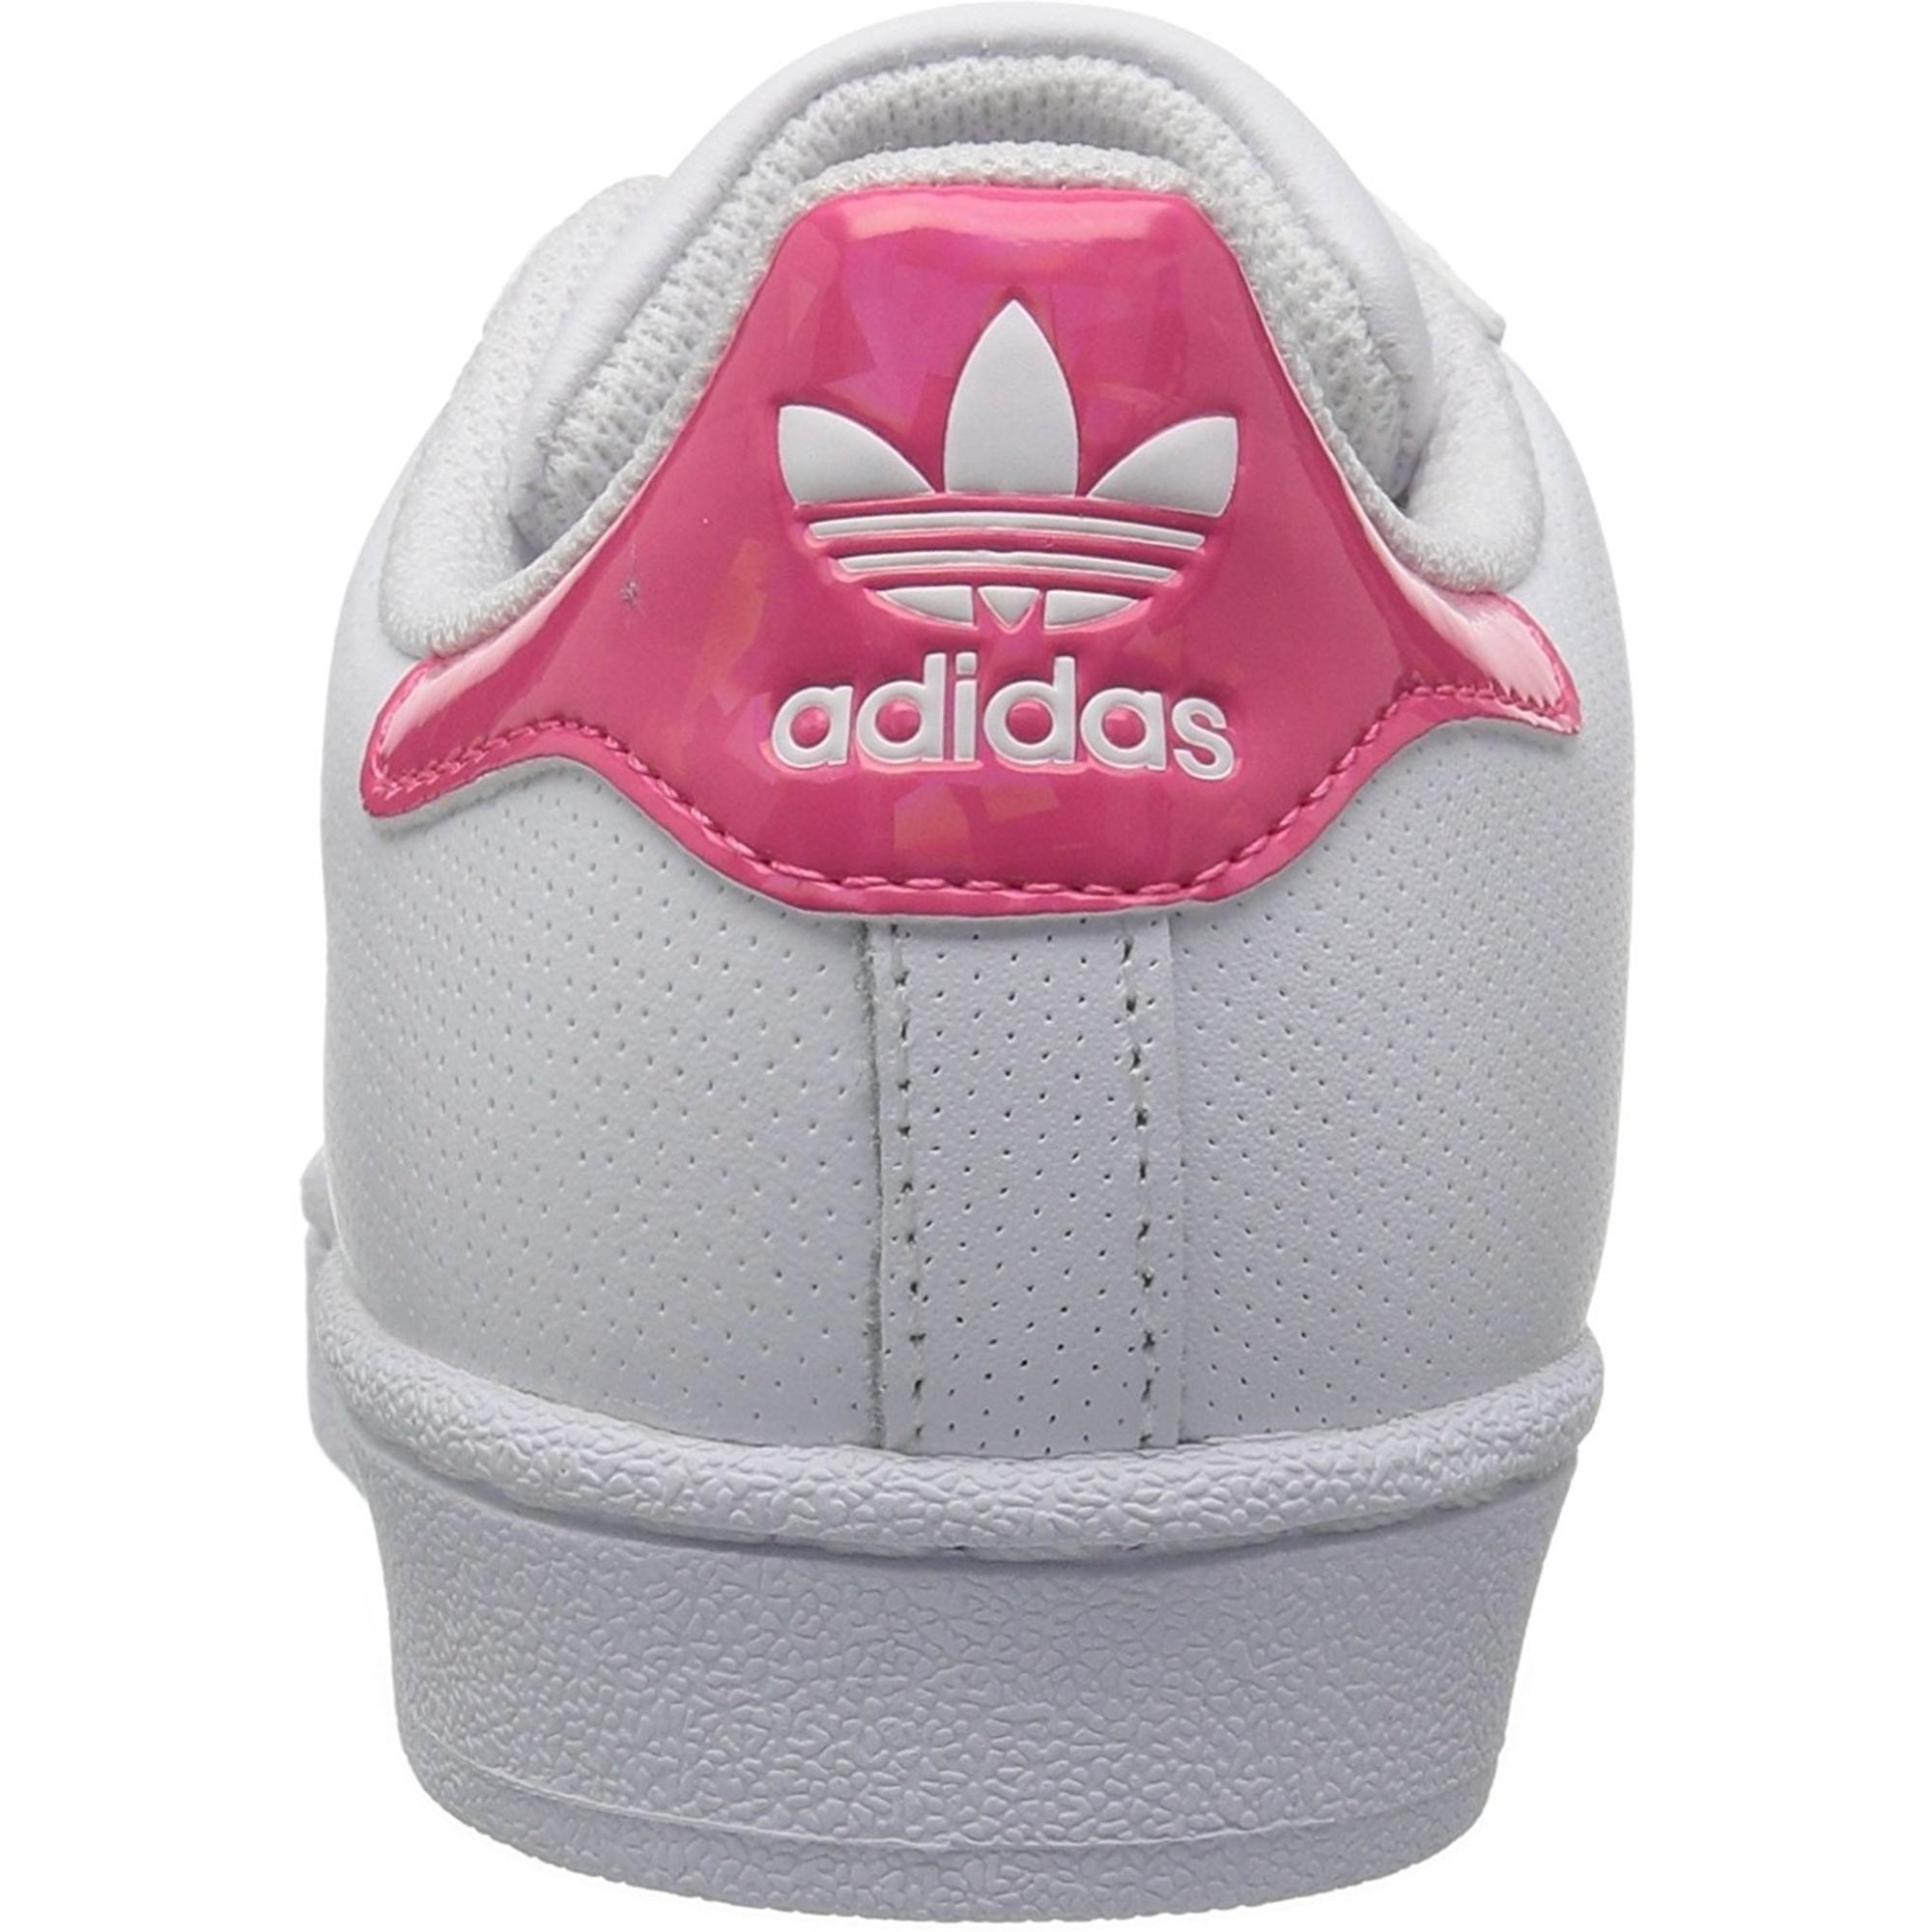 adidas Originals Superstar J WeißEcht Pink Leder Trainer